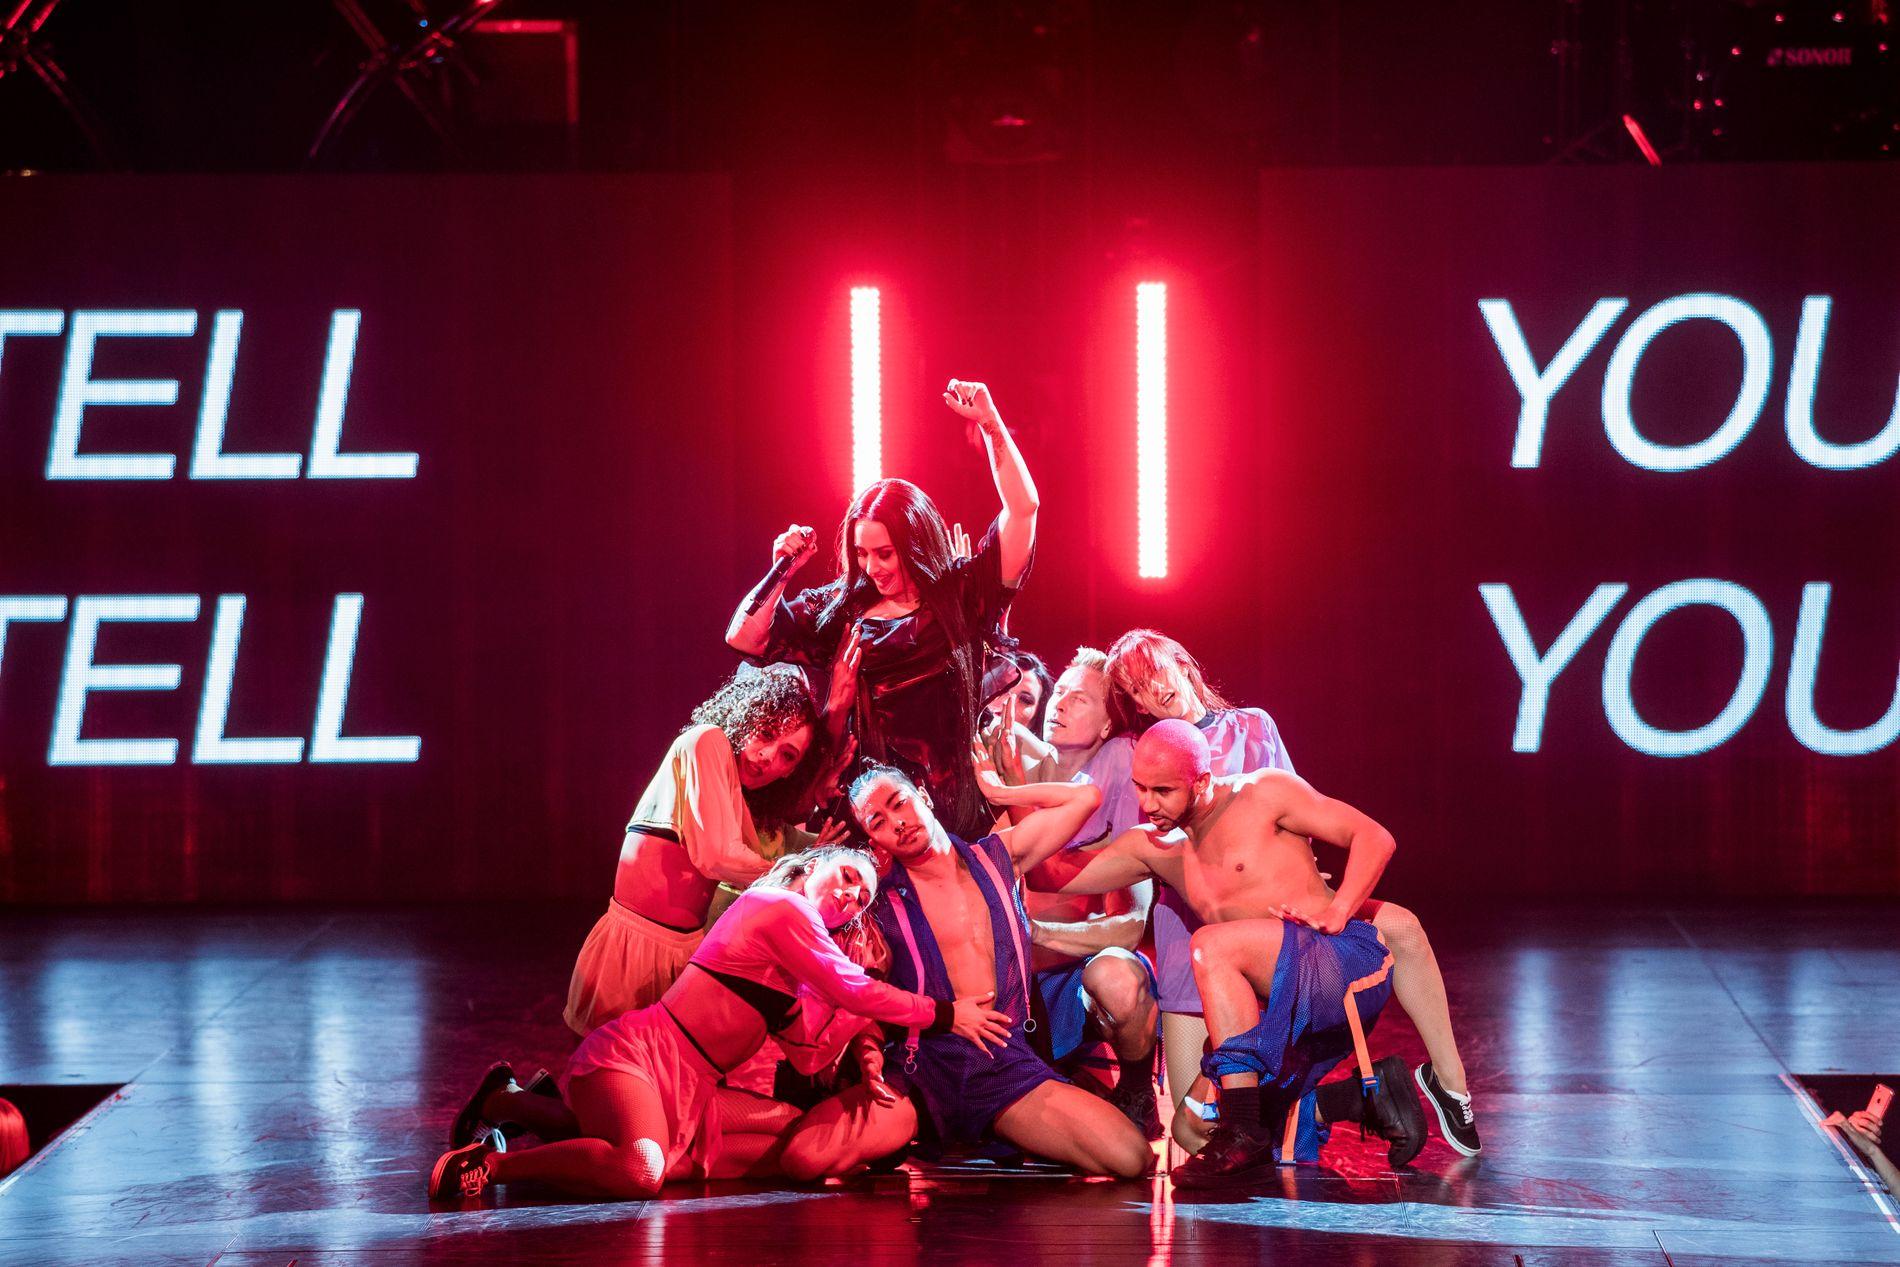 MYE BARIS: Demi Lovato omkranset av lettkledde dansere i Oslo Spektrum.